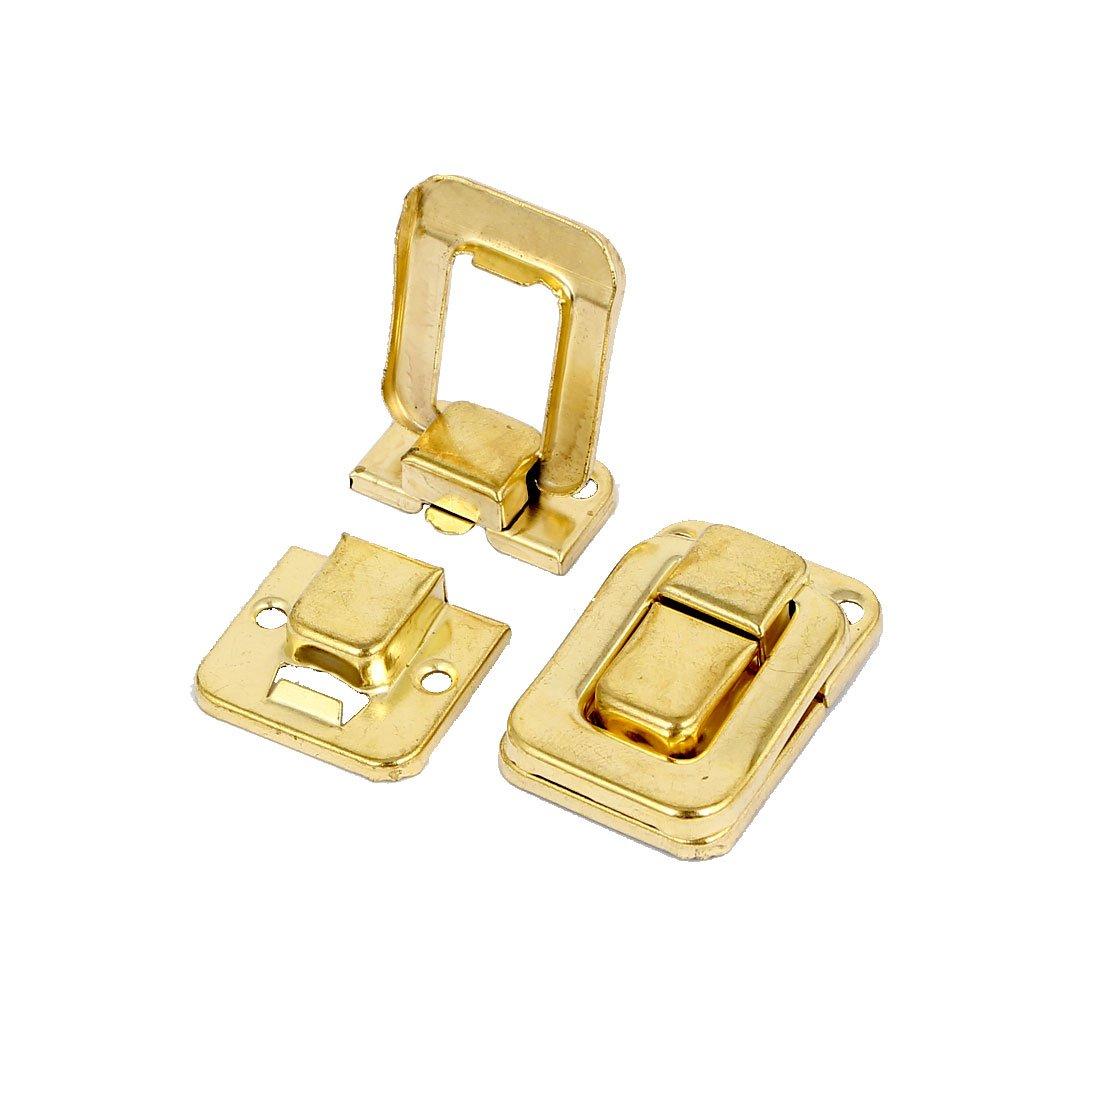 sourcingmap 5 St/ück Taschen Holz Eisen Umschalten Verriegeln Haspe Schloss Gold 38mm L/änge de